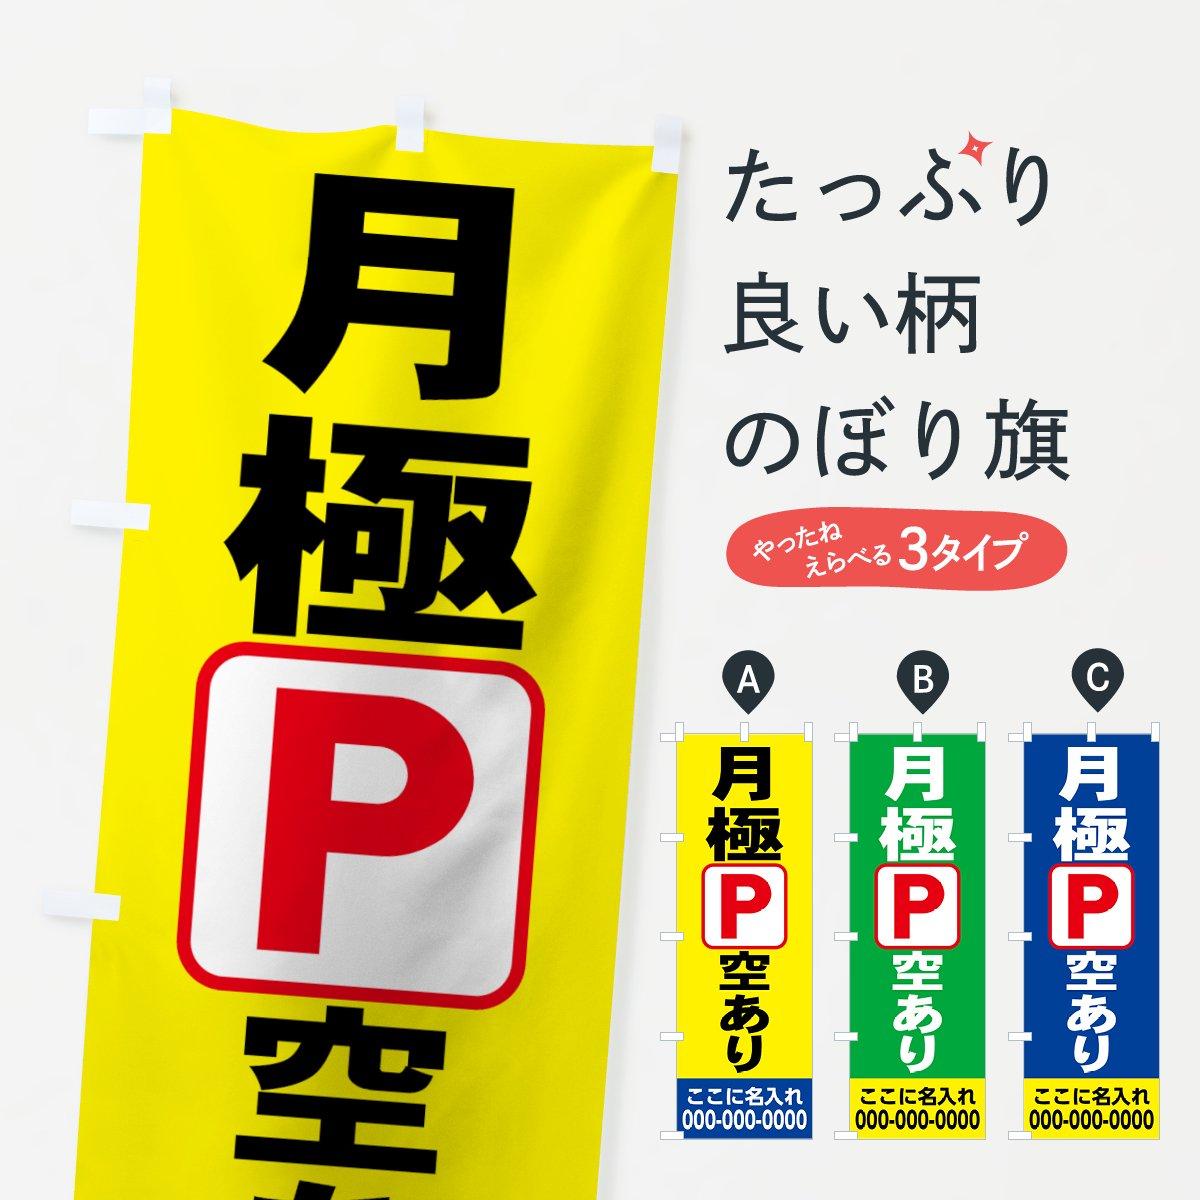 【名入無料】のぼり旗 月極 P 空あり